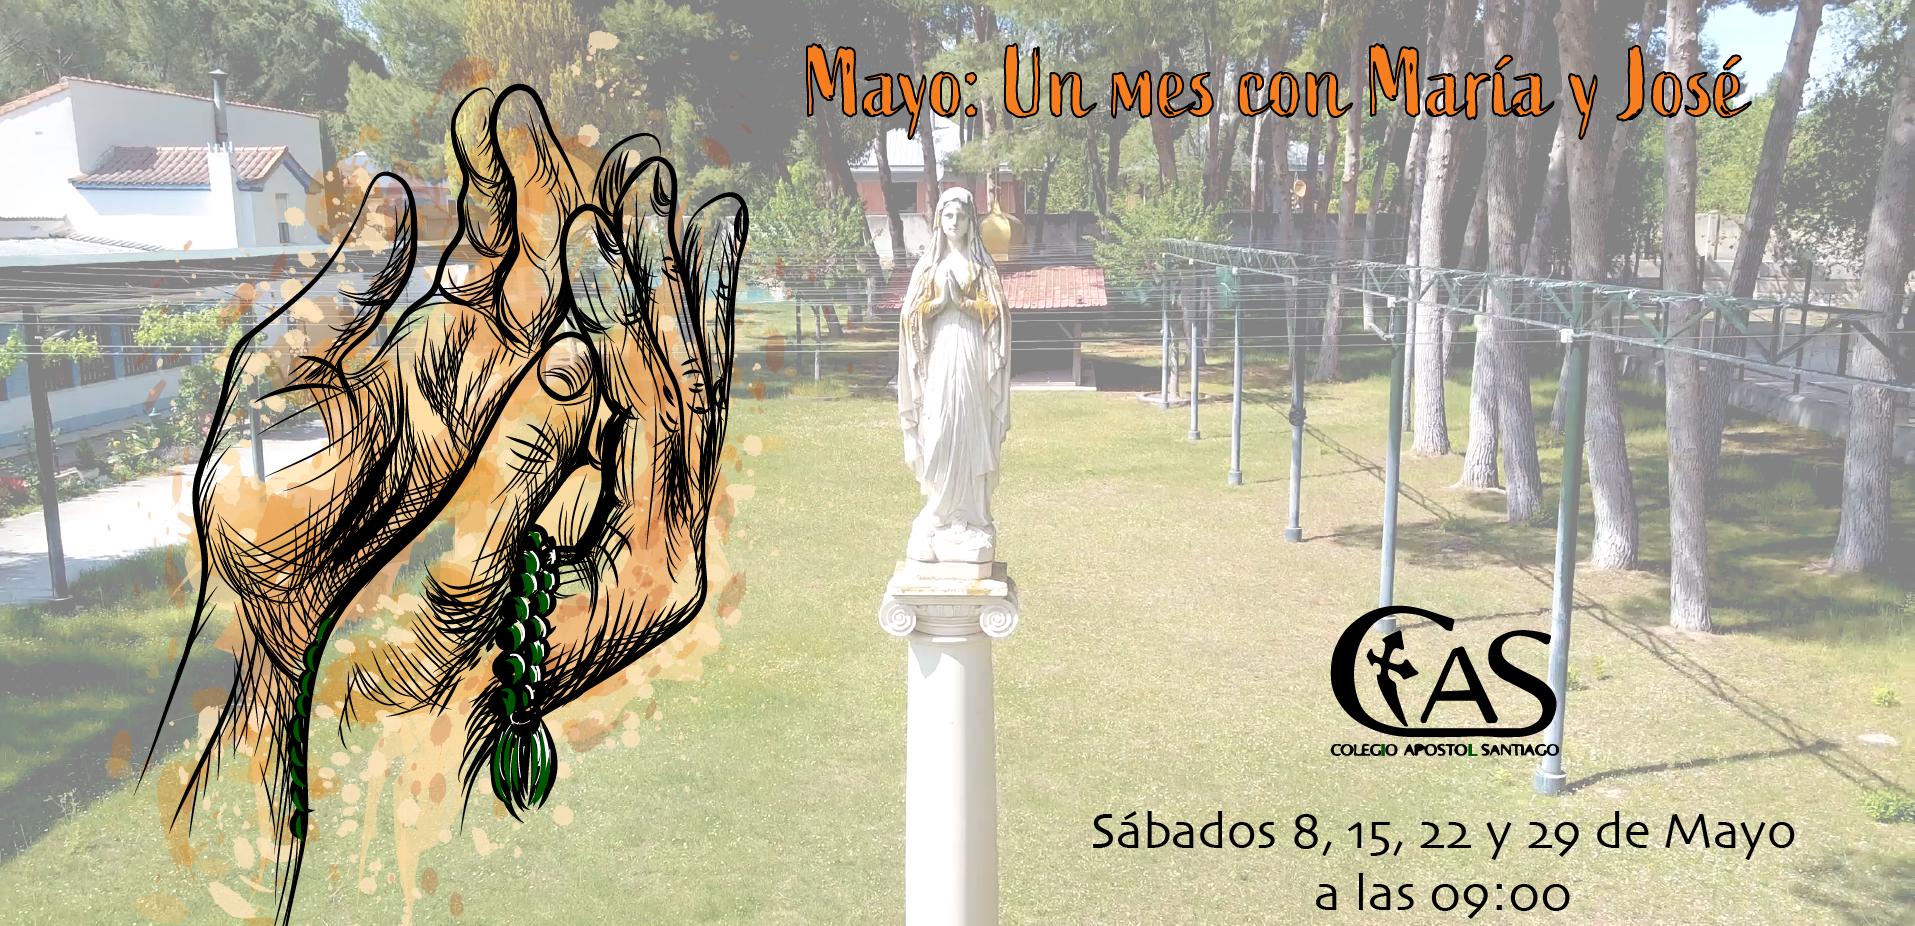 Mayo: un mes con María y José